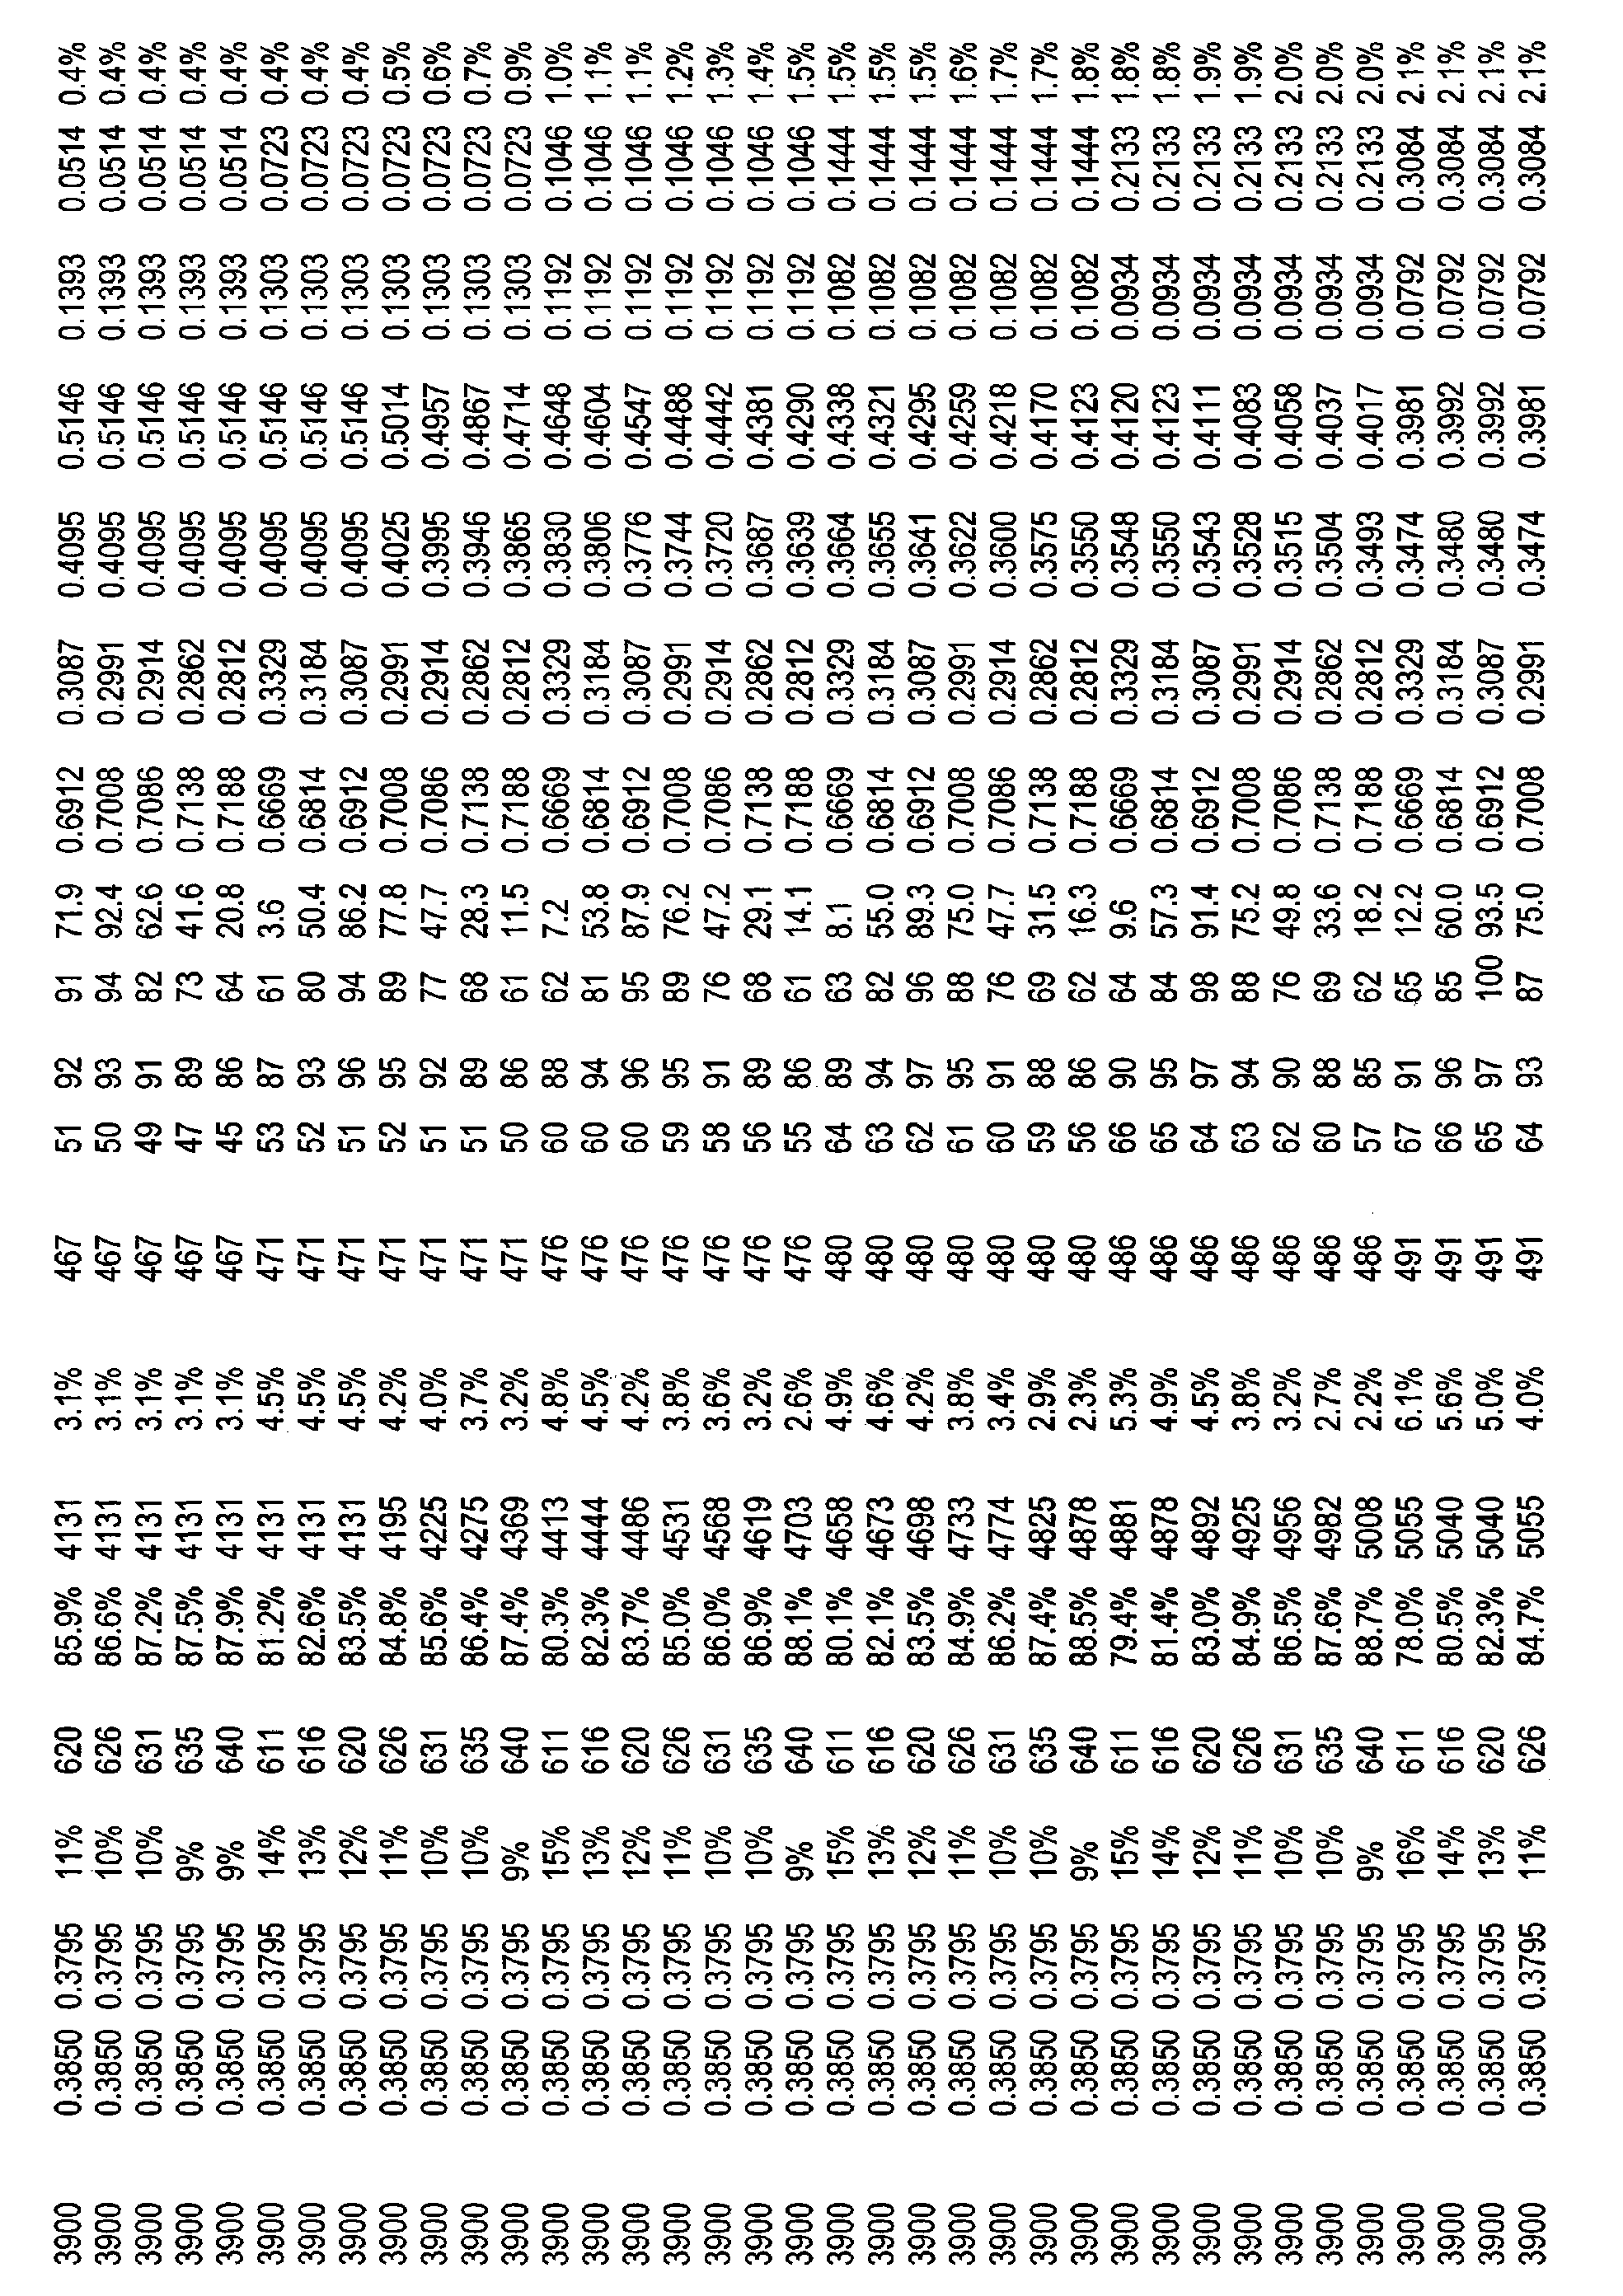 Figure CN101821544BD00931